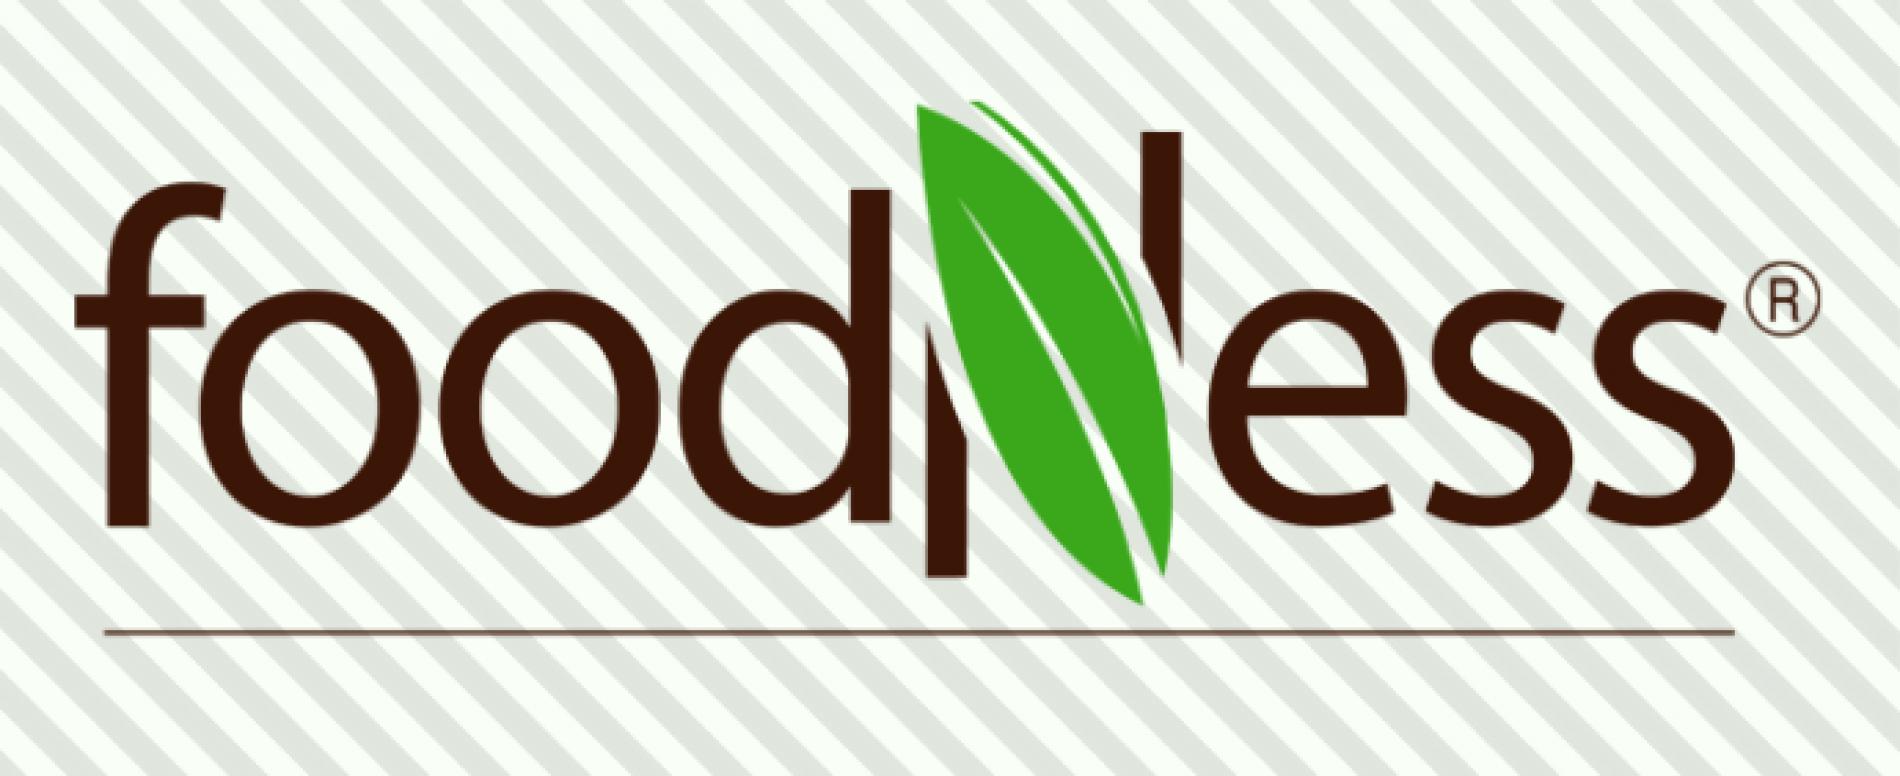 """Foodness cede la sua maggioranza: la sfida è diventare leader nel """"senza"""""""